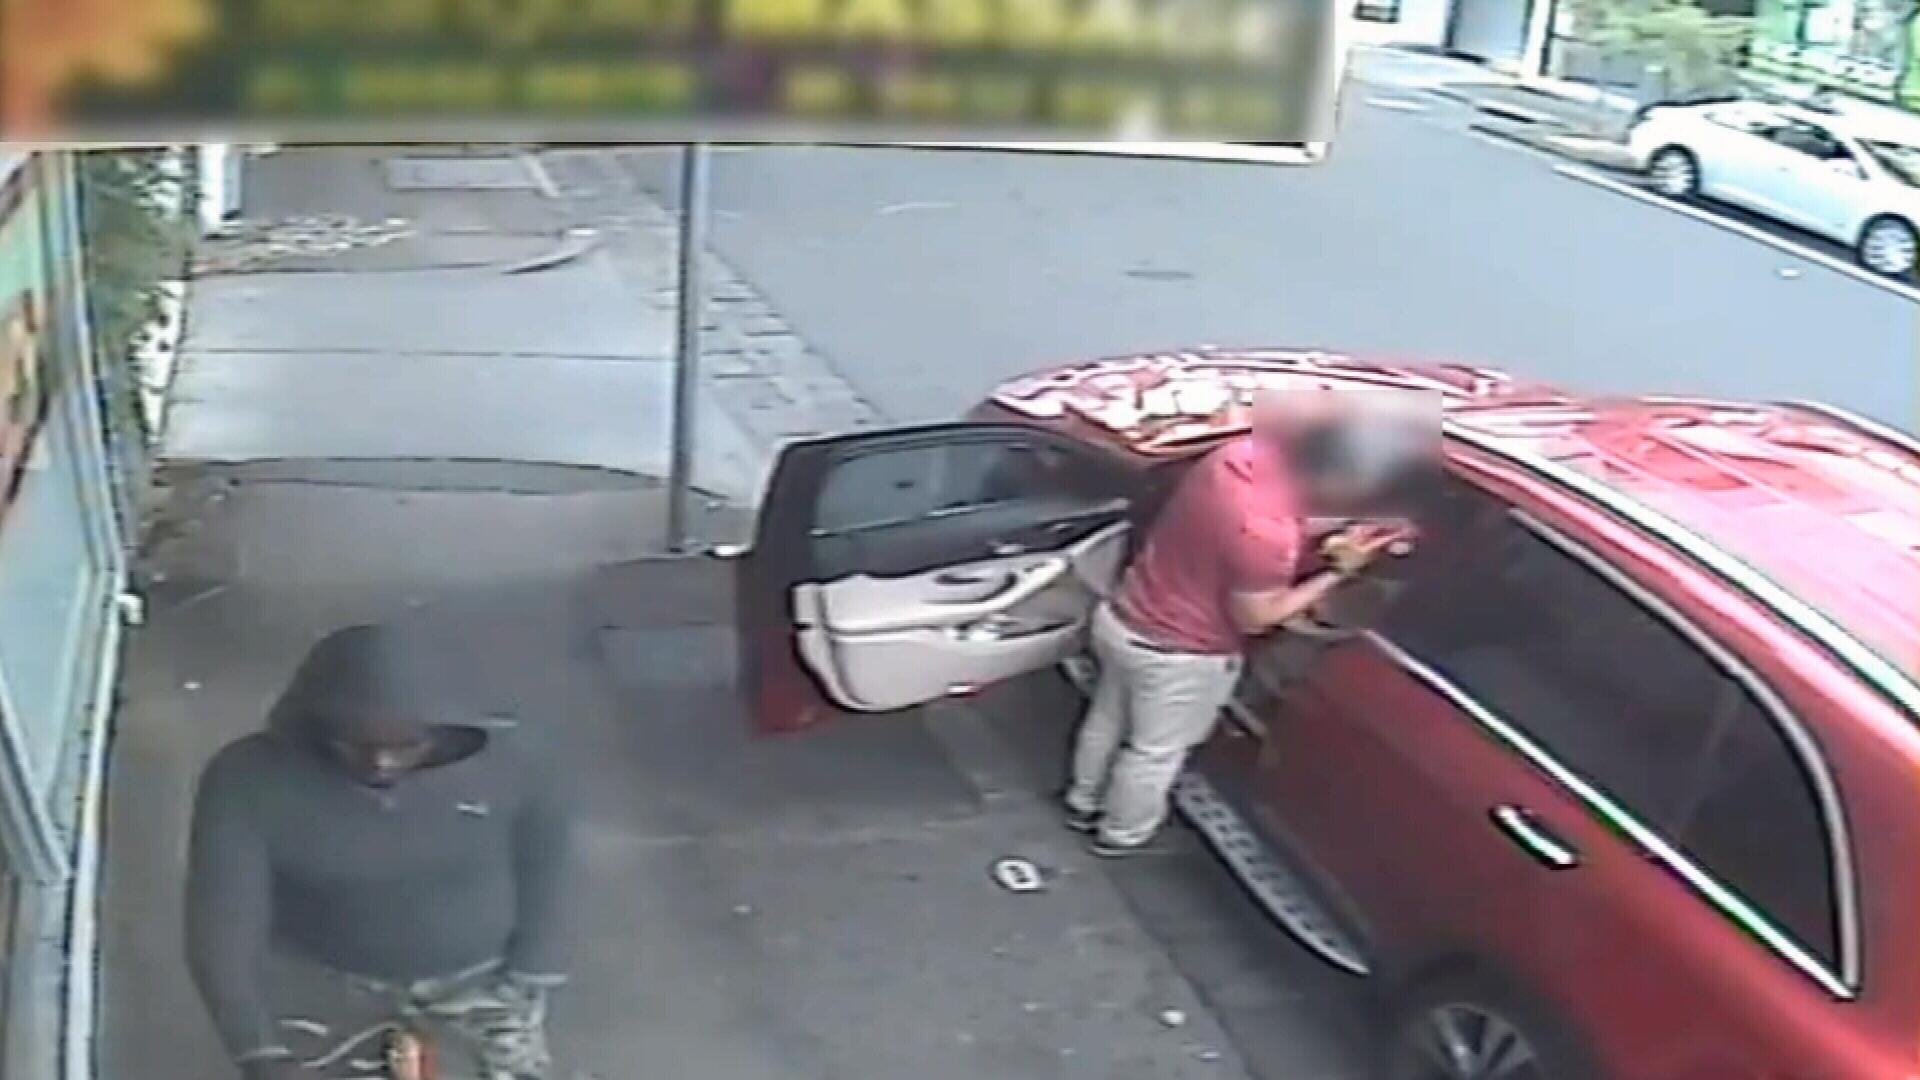 Footscray robbery